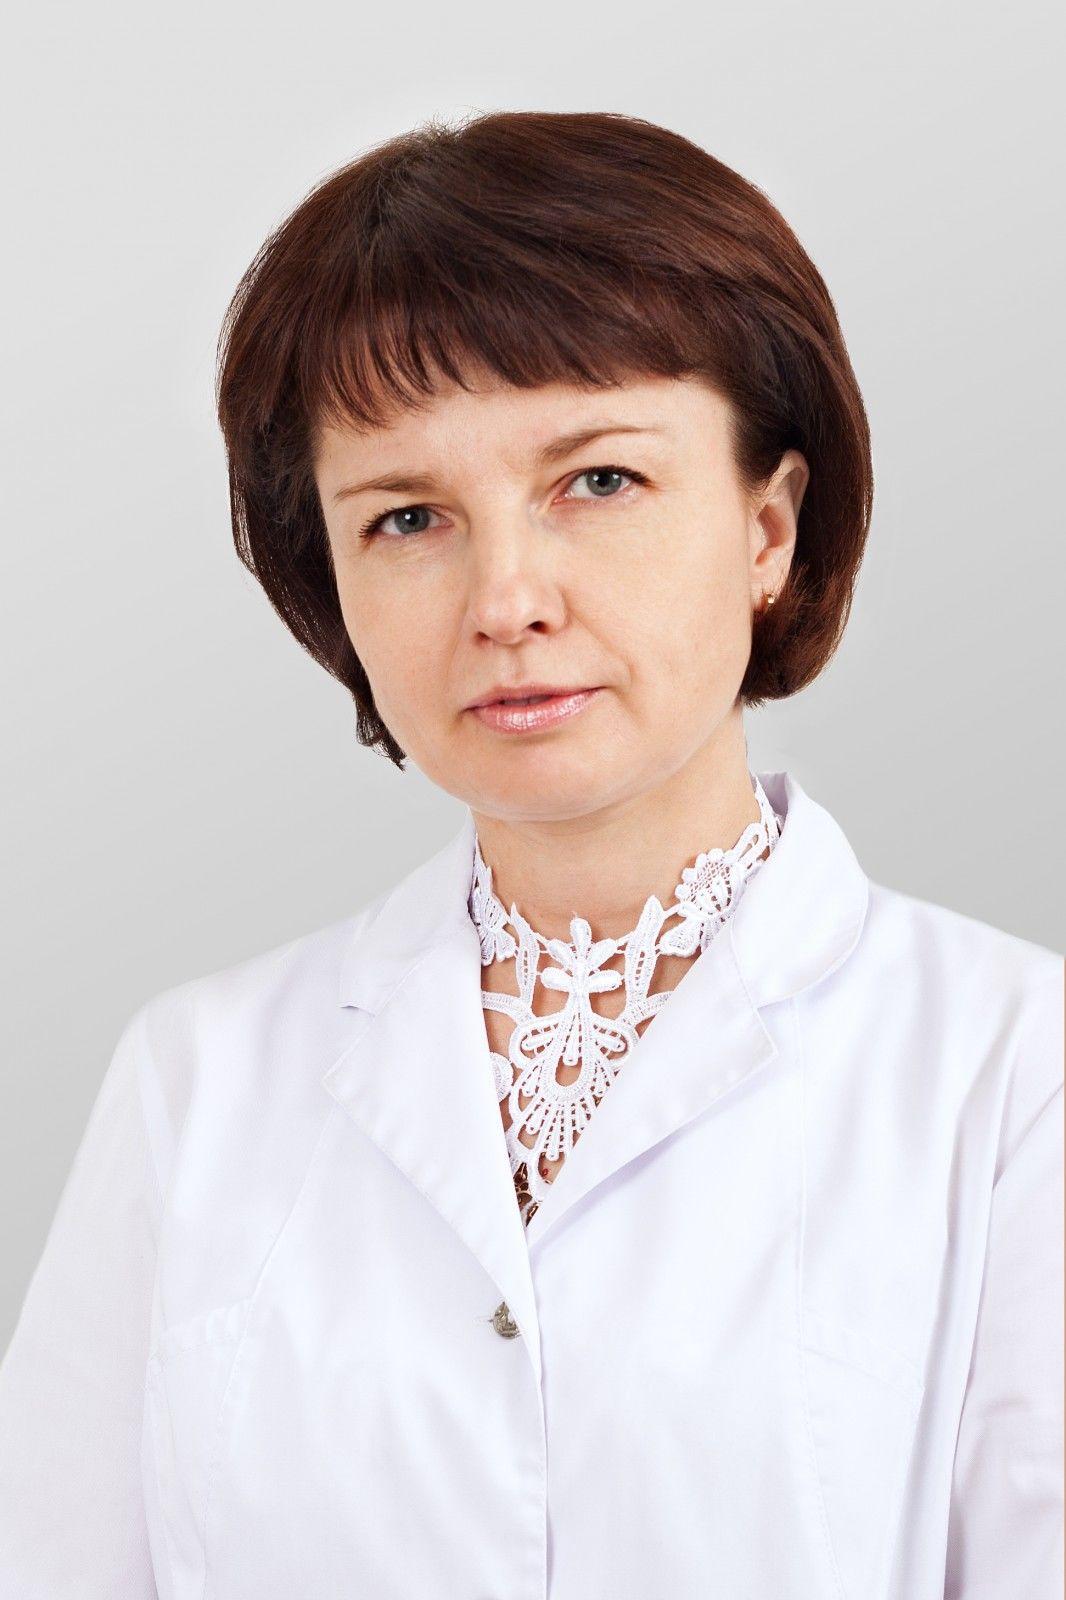 Витебская алиса витальевна эндокринолог фото 7